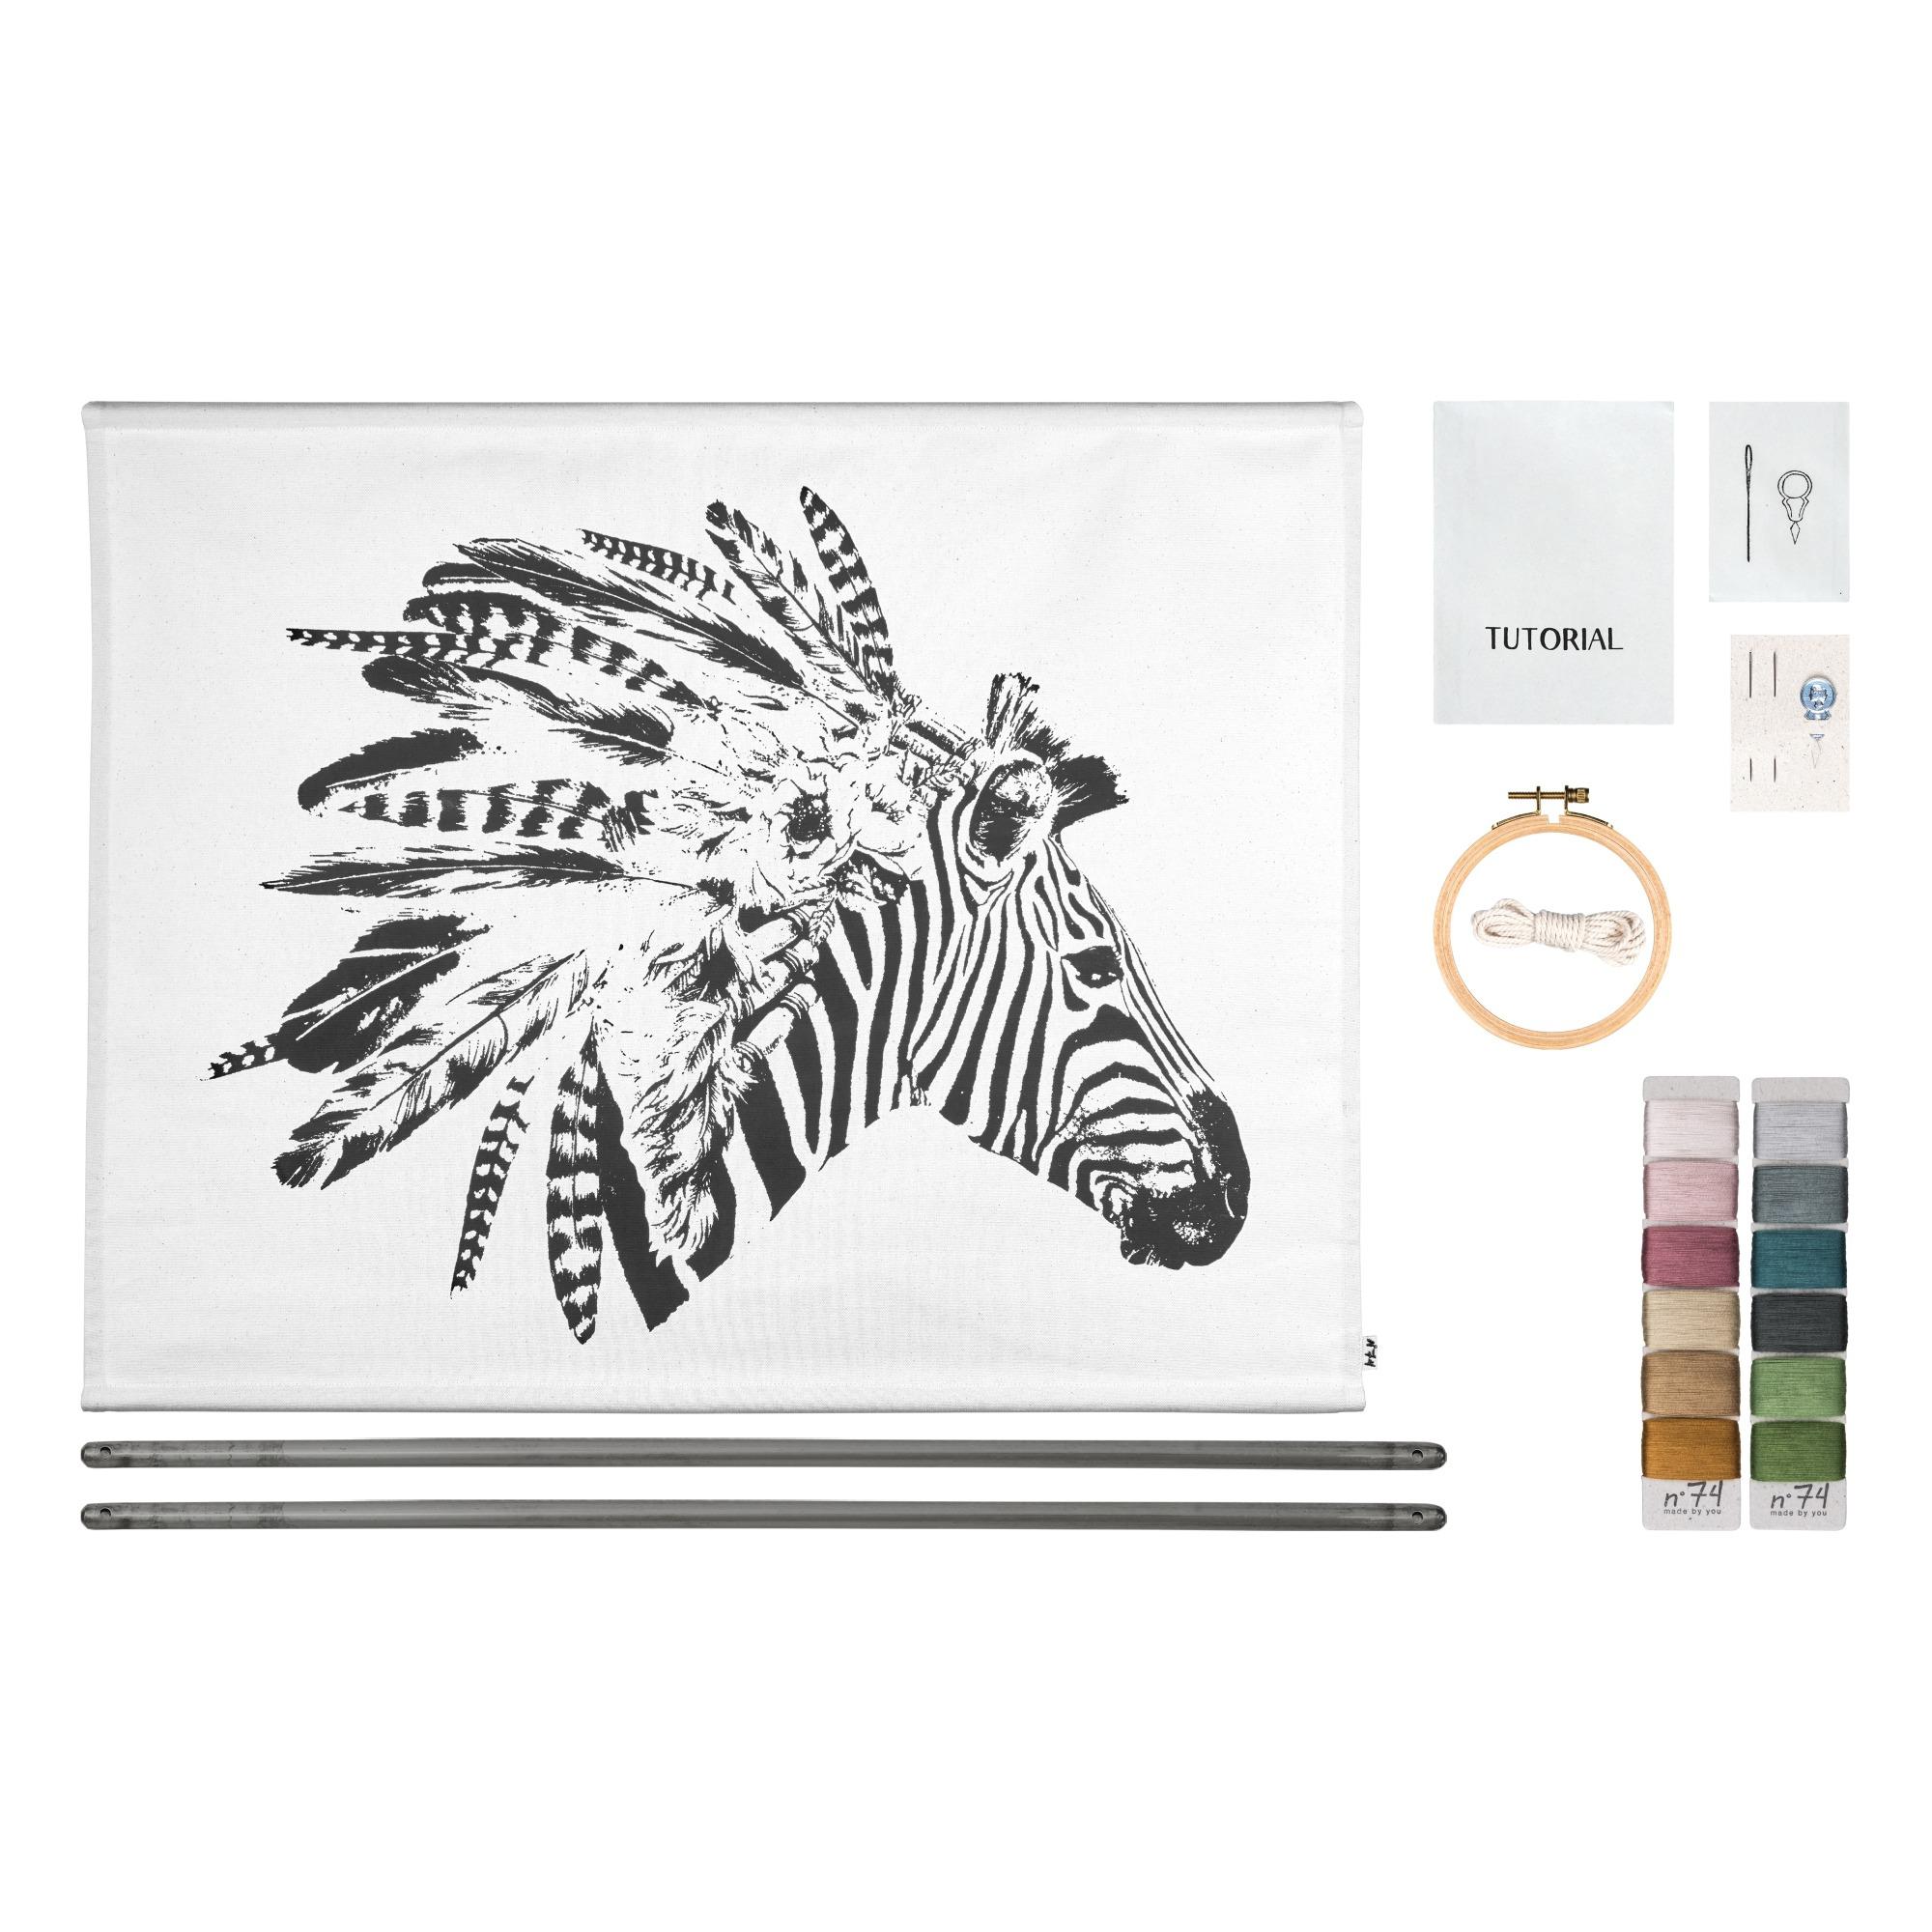 Angebot: Poster zum Besticken Zebra